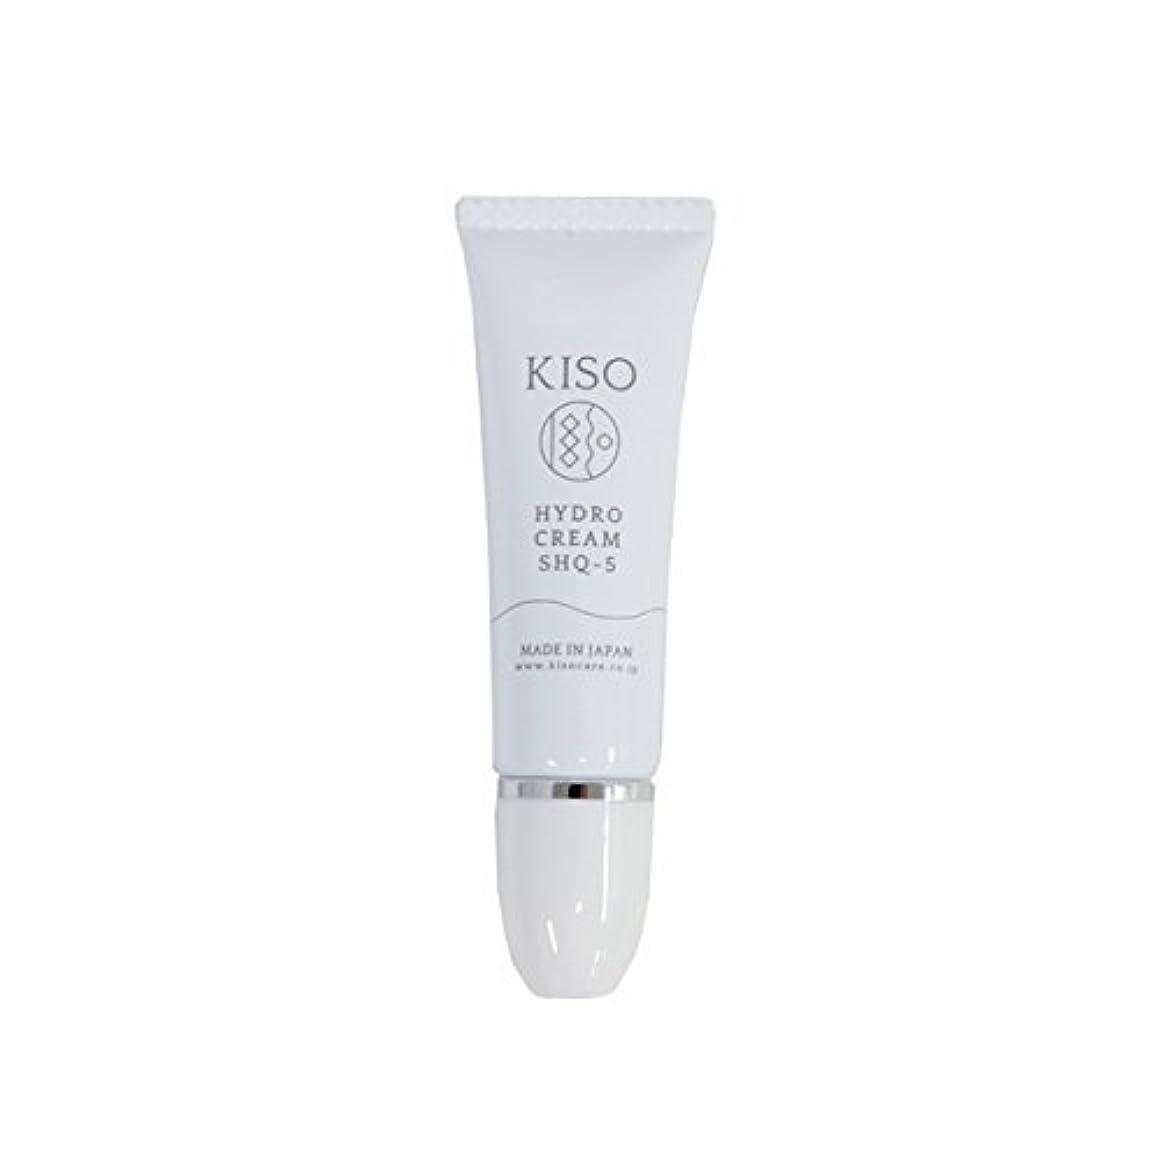 構築する伴う起きるKISO 安定型 ハイドロキノン 5%配合【ハイドロ クリーム SHQ-5 10g】スキンケアで肌を整えた後にちょこっとケア 日本製